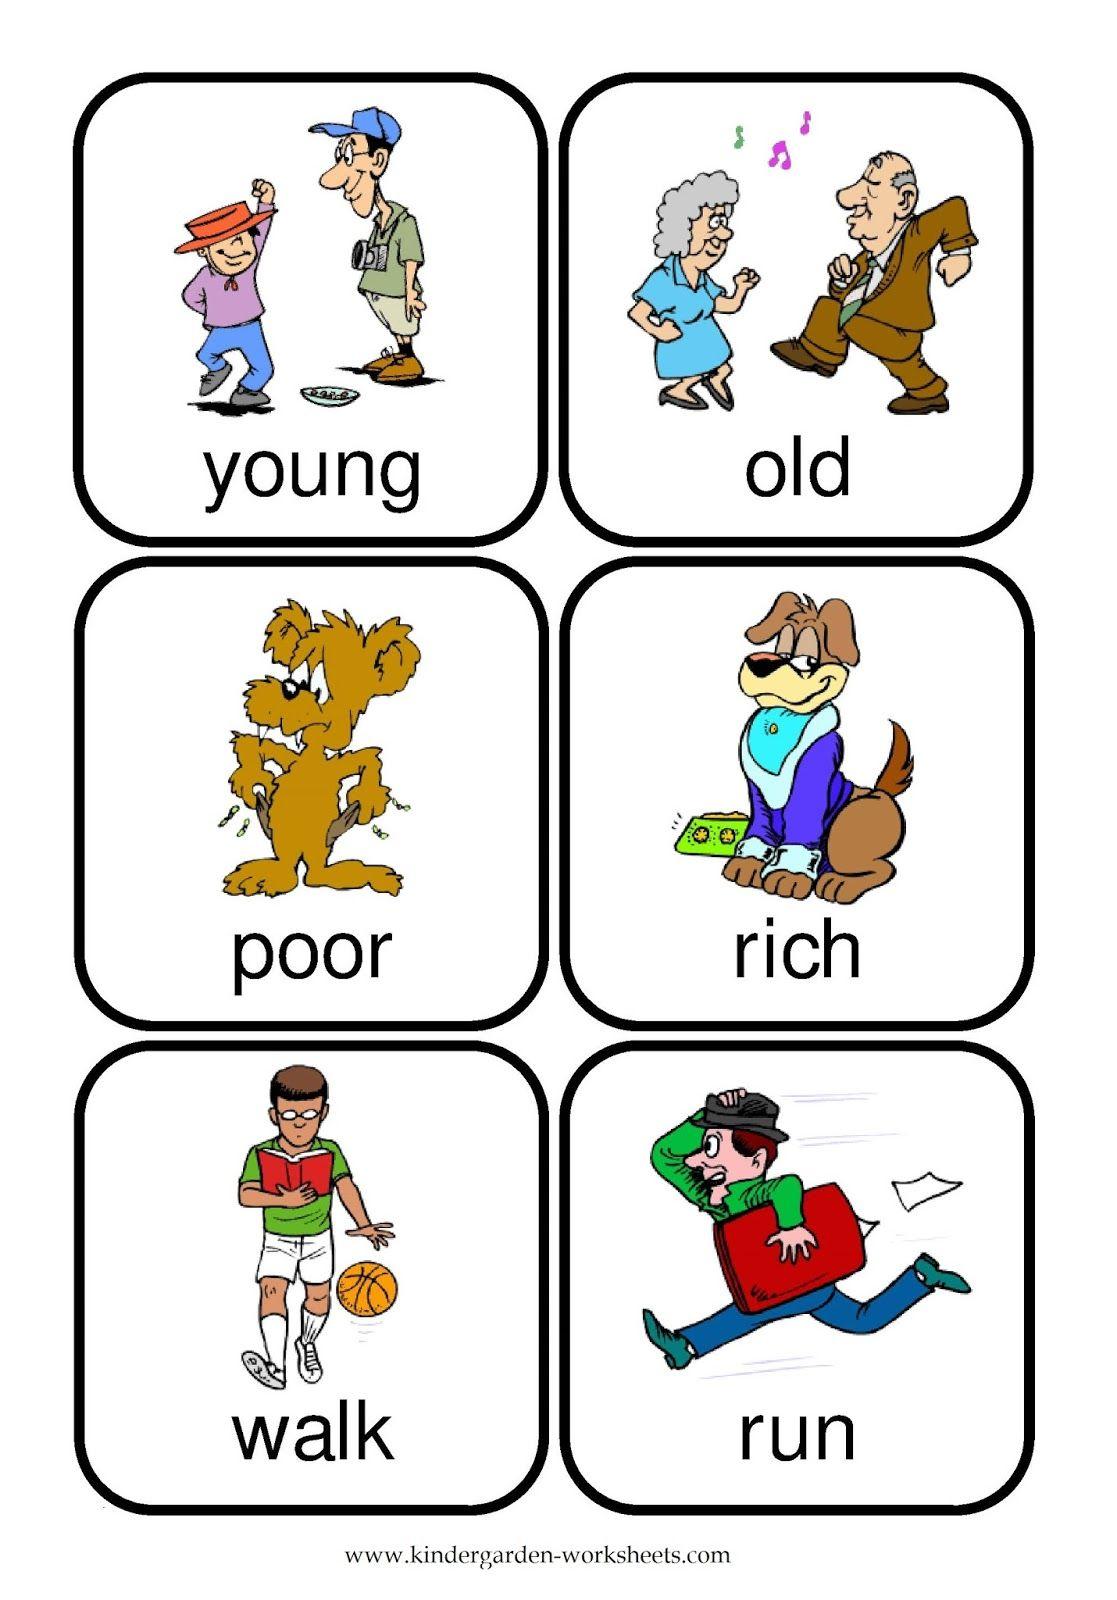 Word Preschoolers